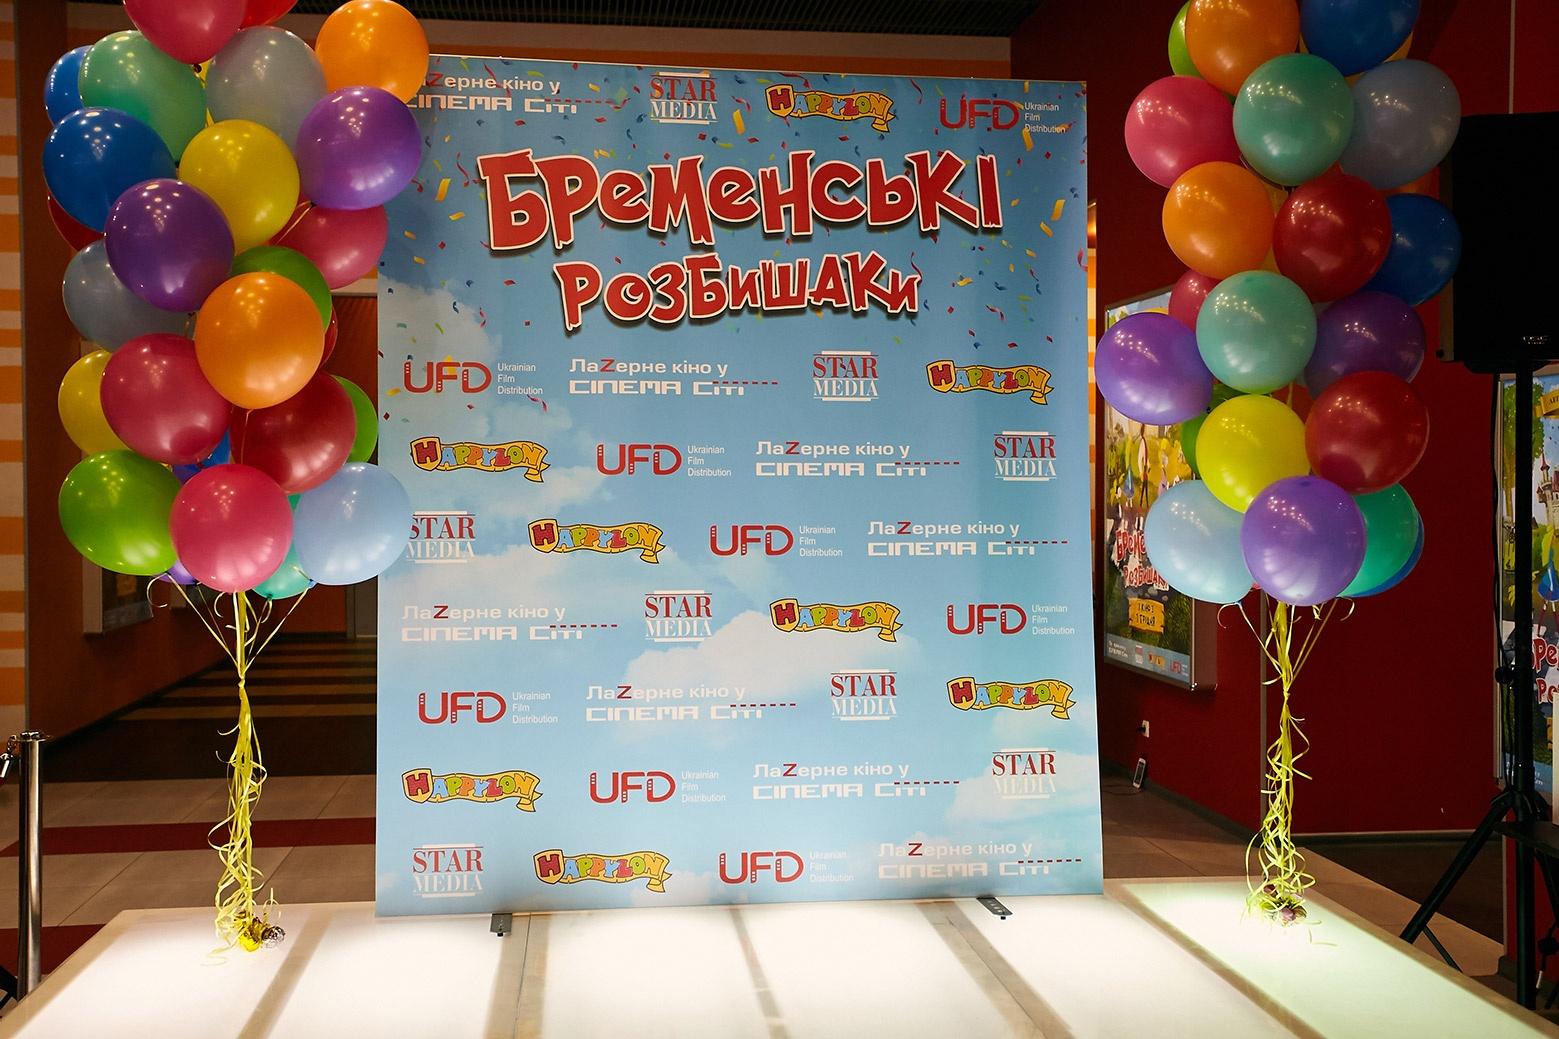 bremensk-rozbishaki-pokazhut-korrupciyu-vlastey-1